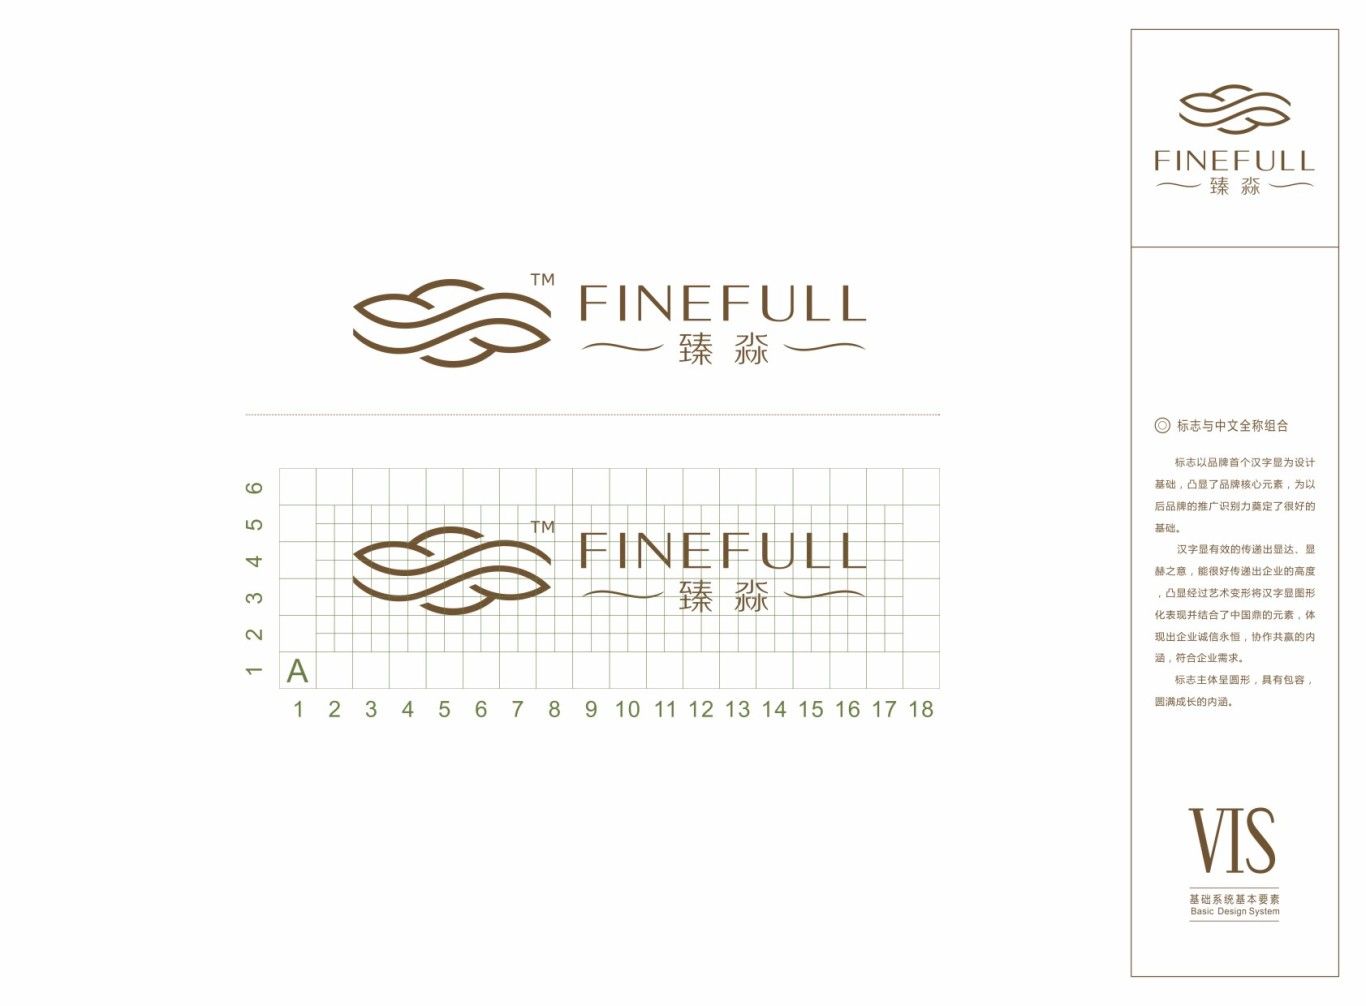 北京五星级FINEFULL-SPA水疗中心标志及VI设计图12